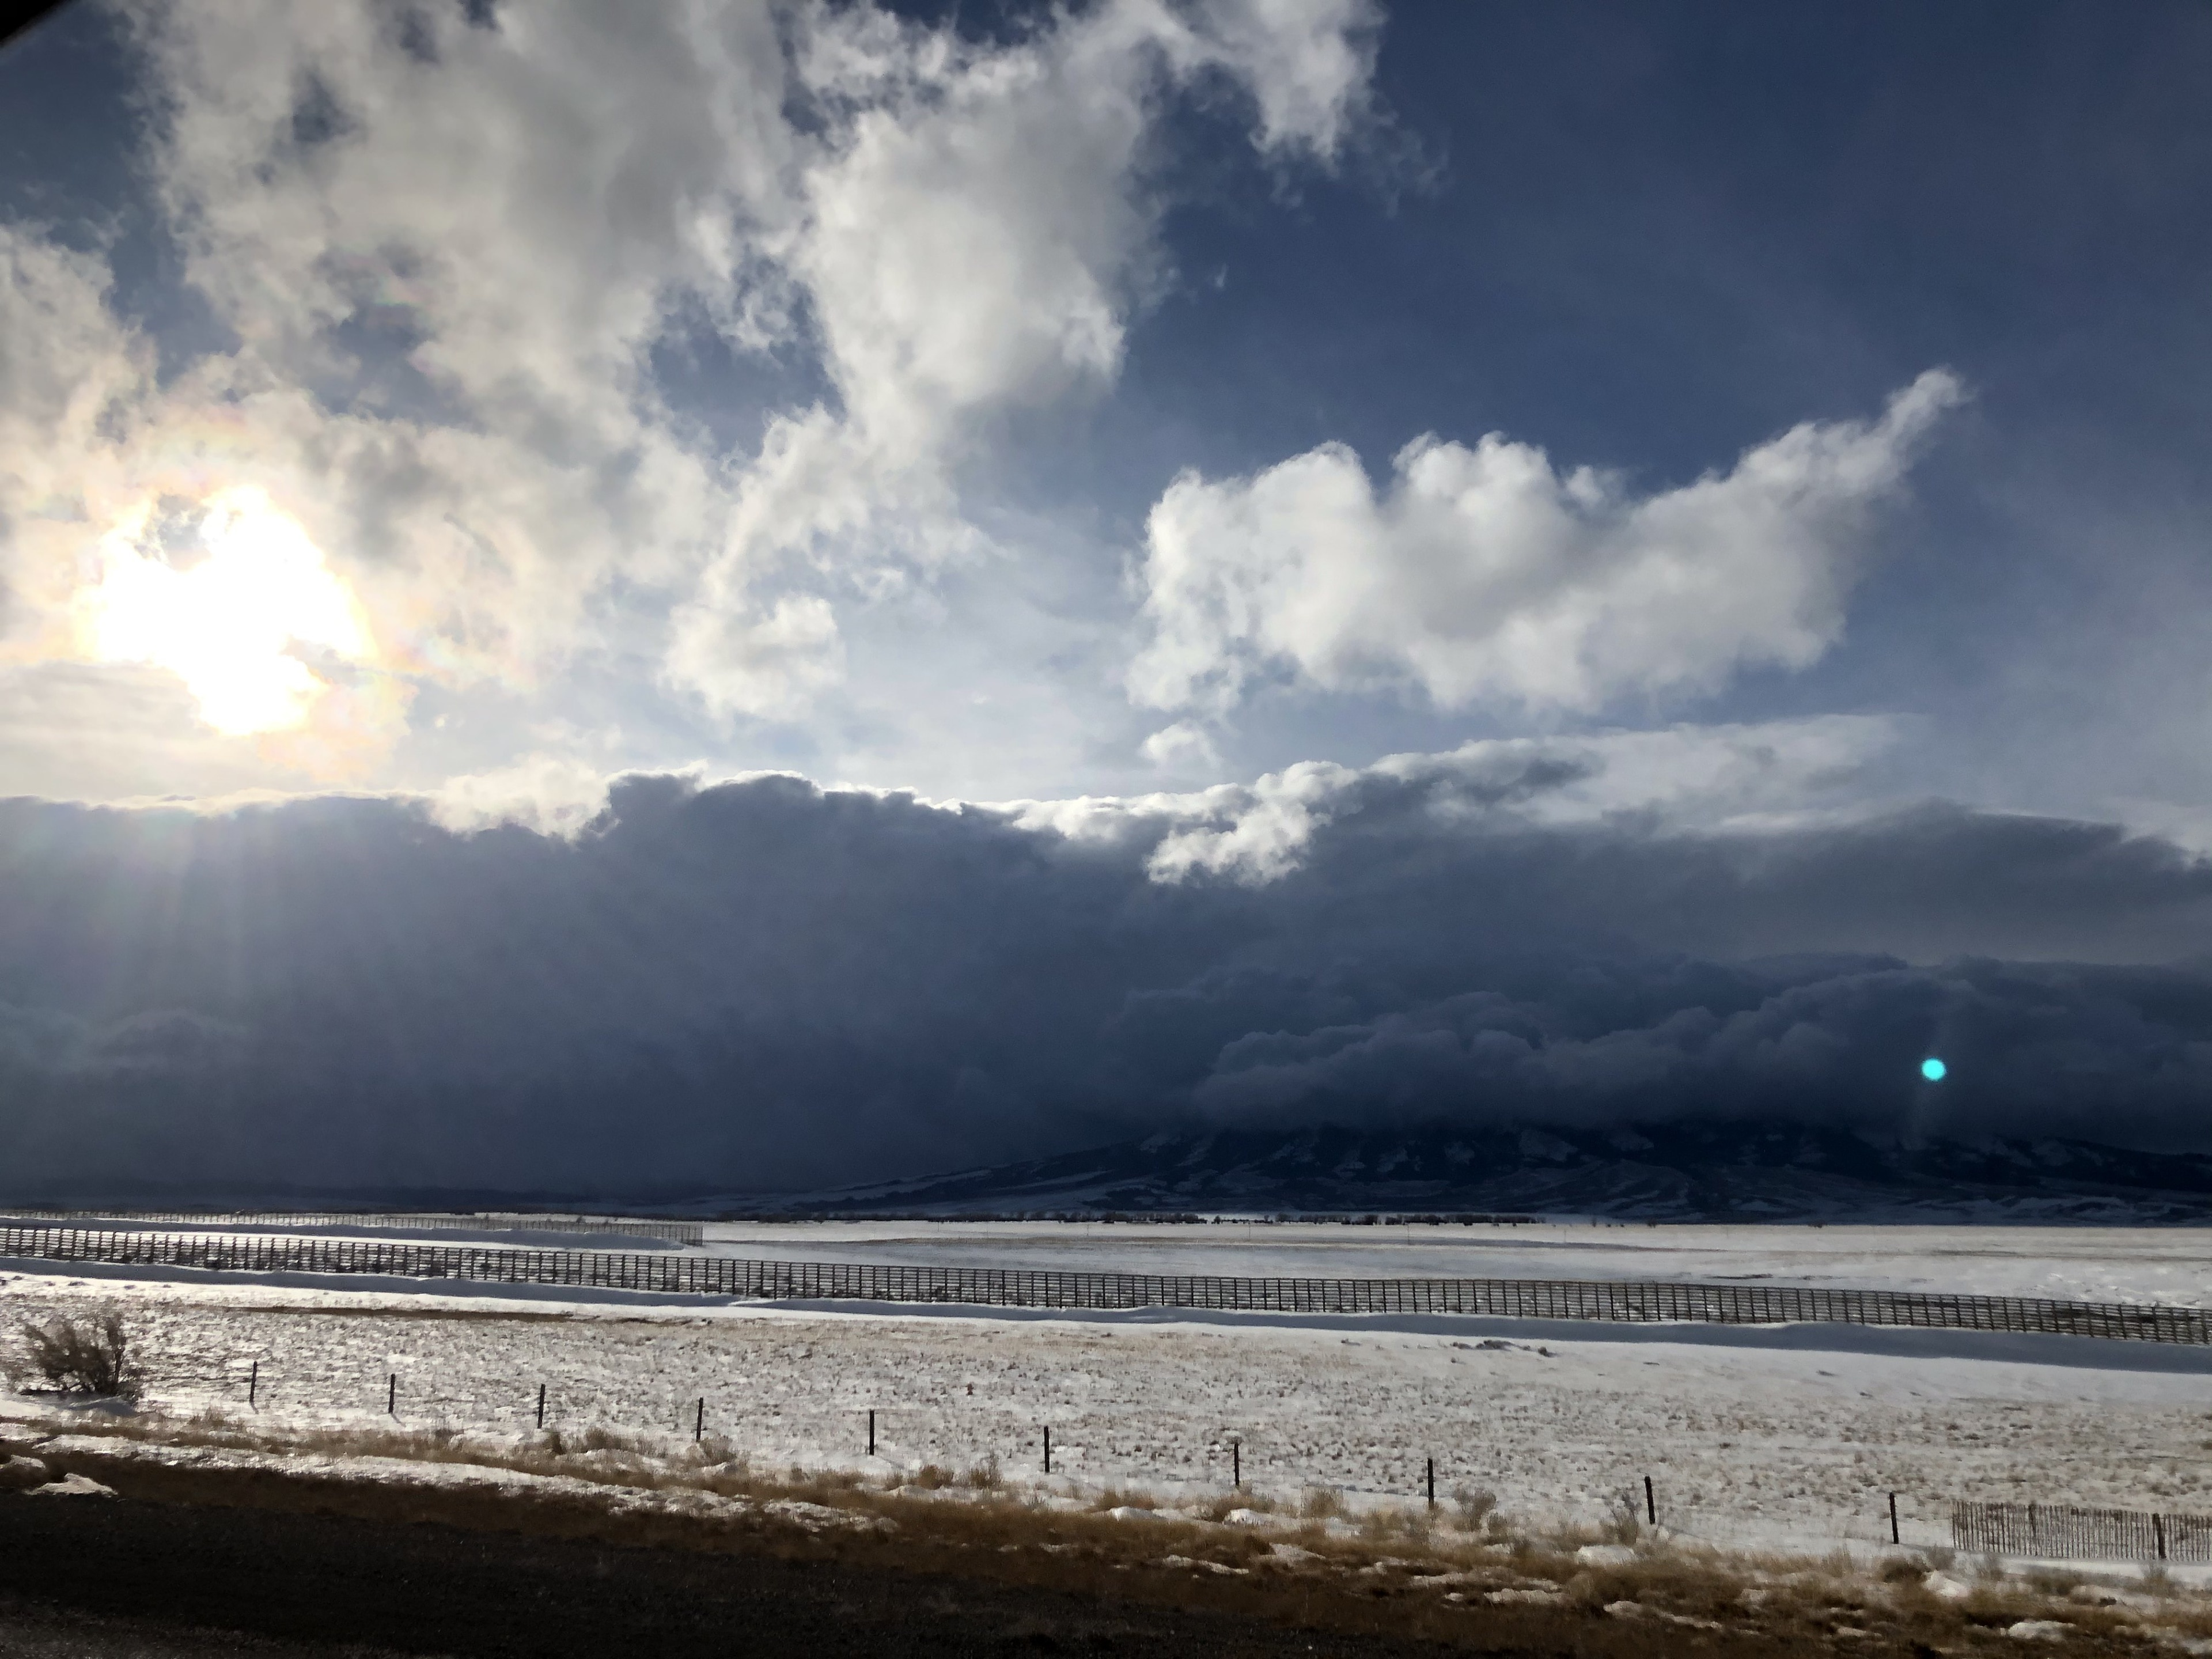 Condado de Carbon, Wyoming, Estados Unidos